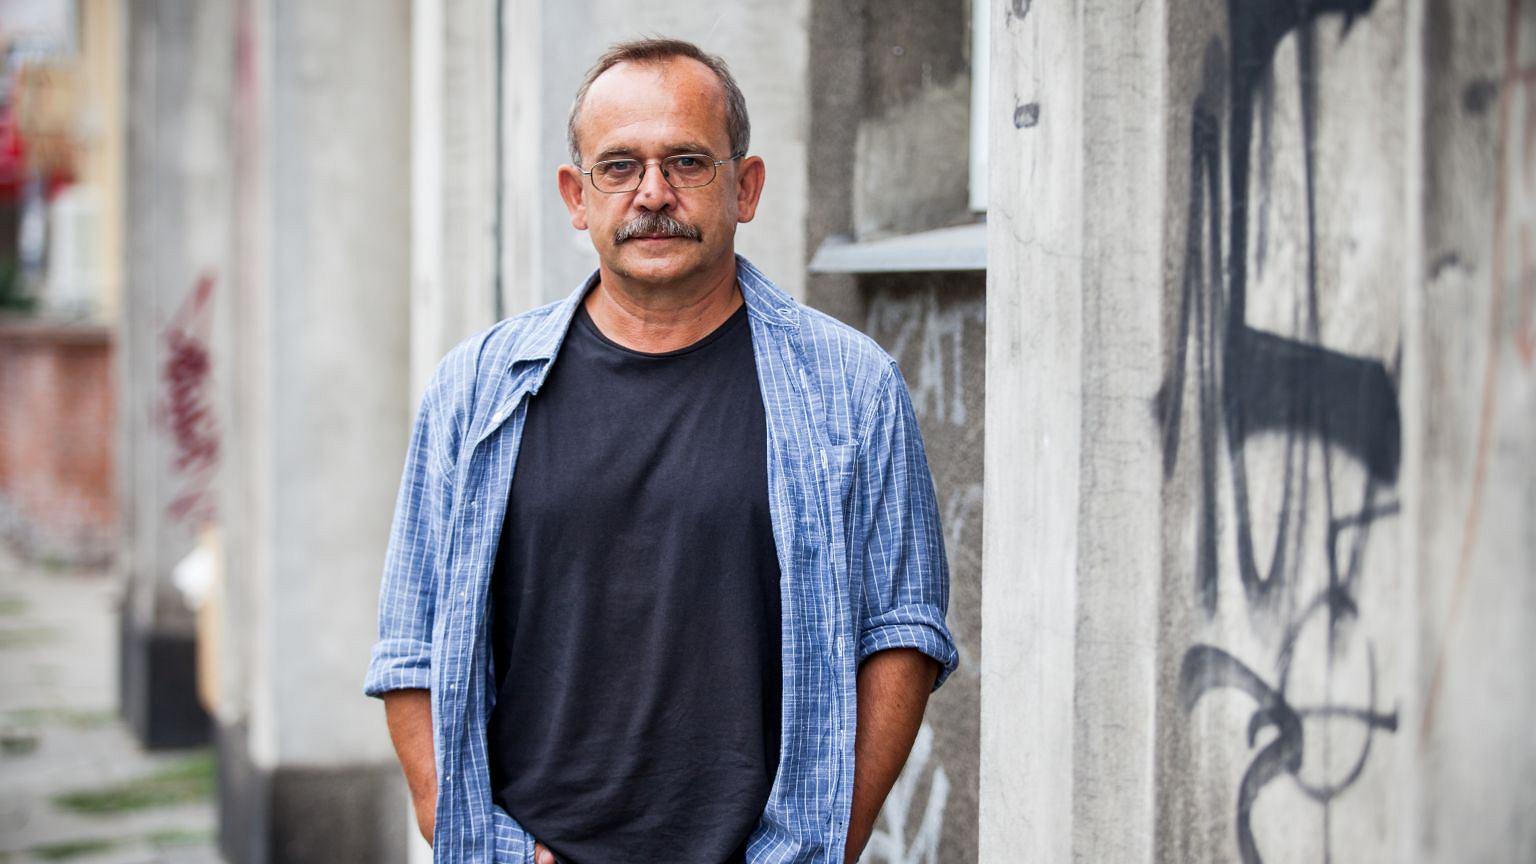 Wojciech Jagielski